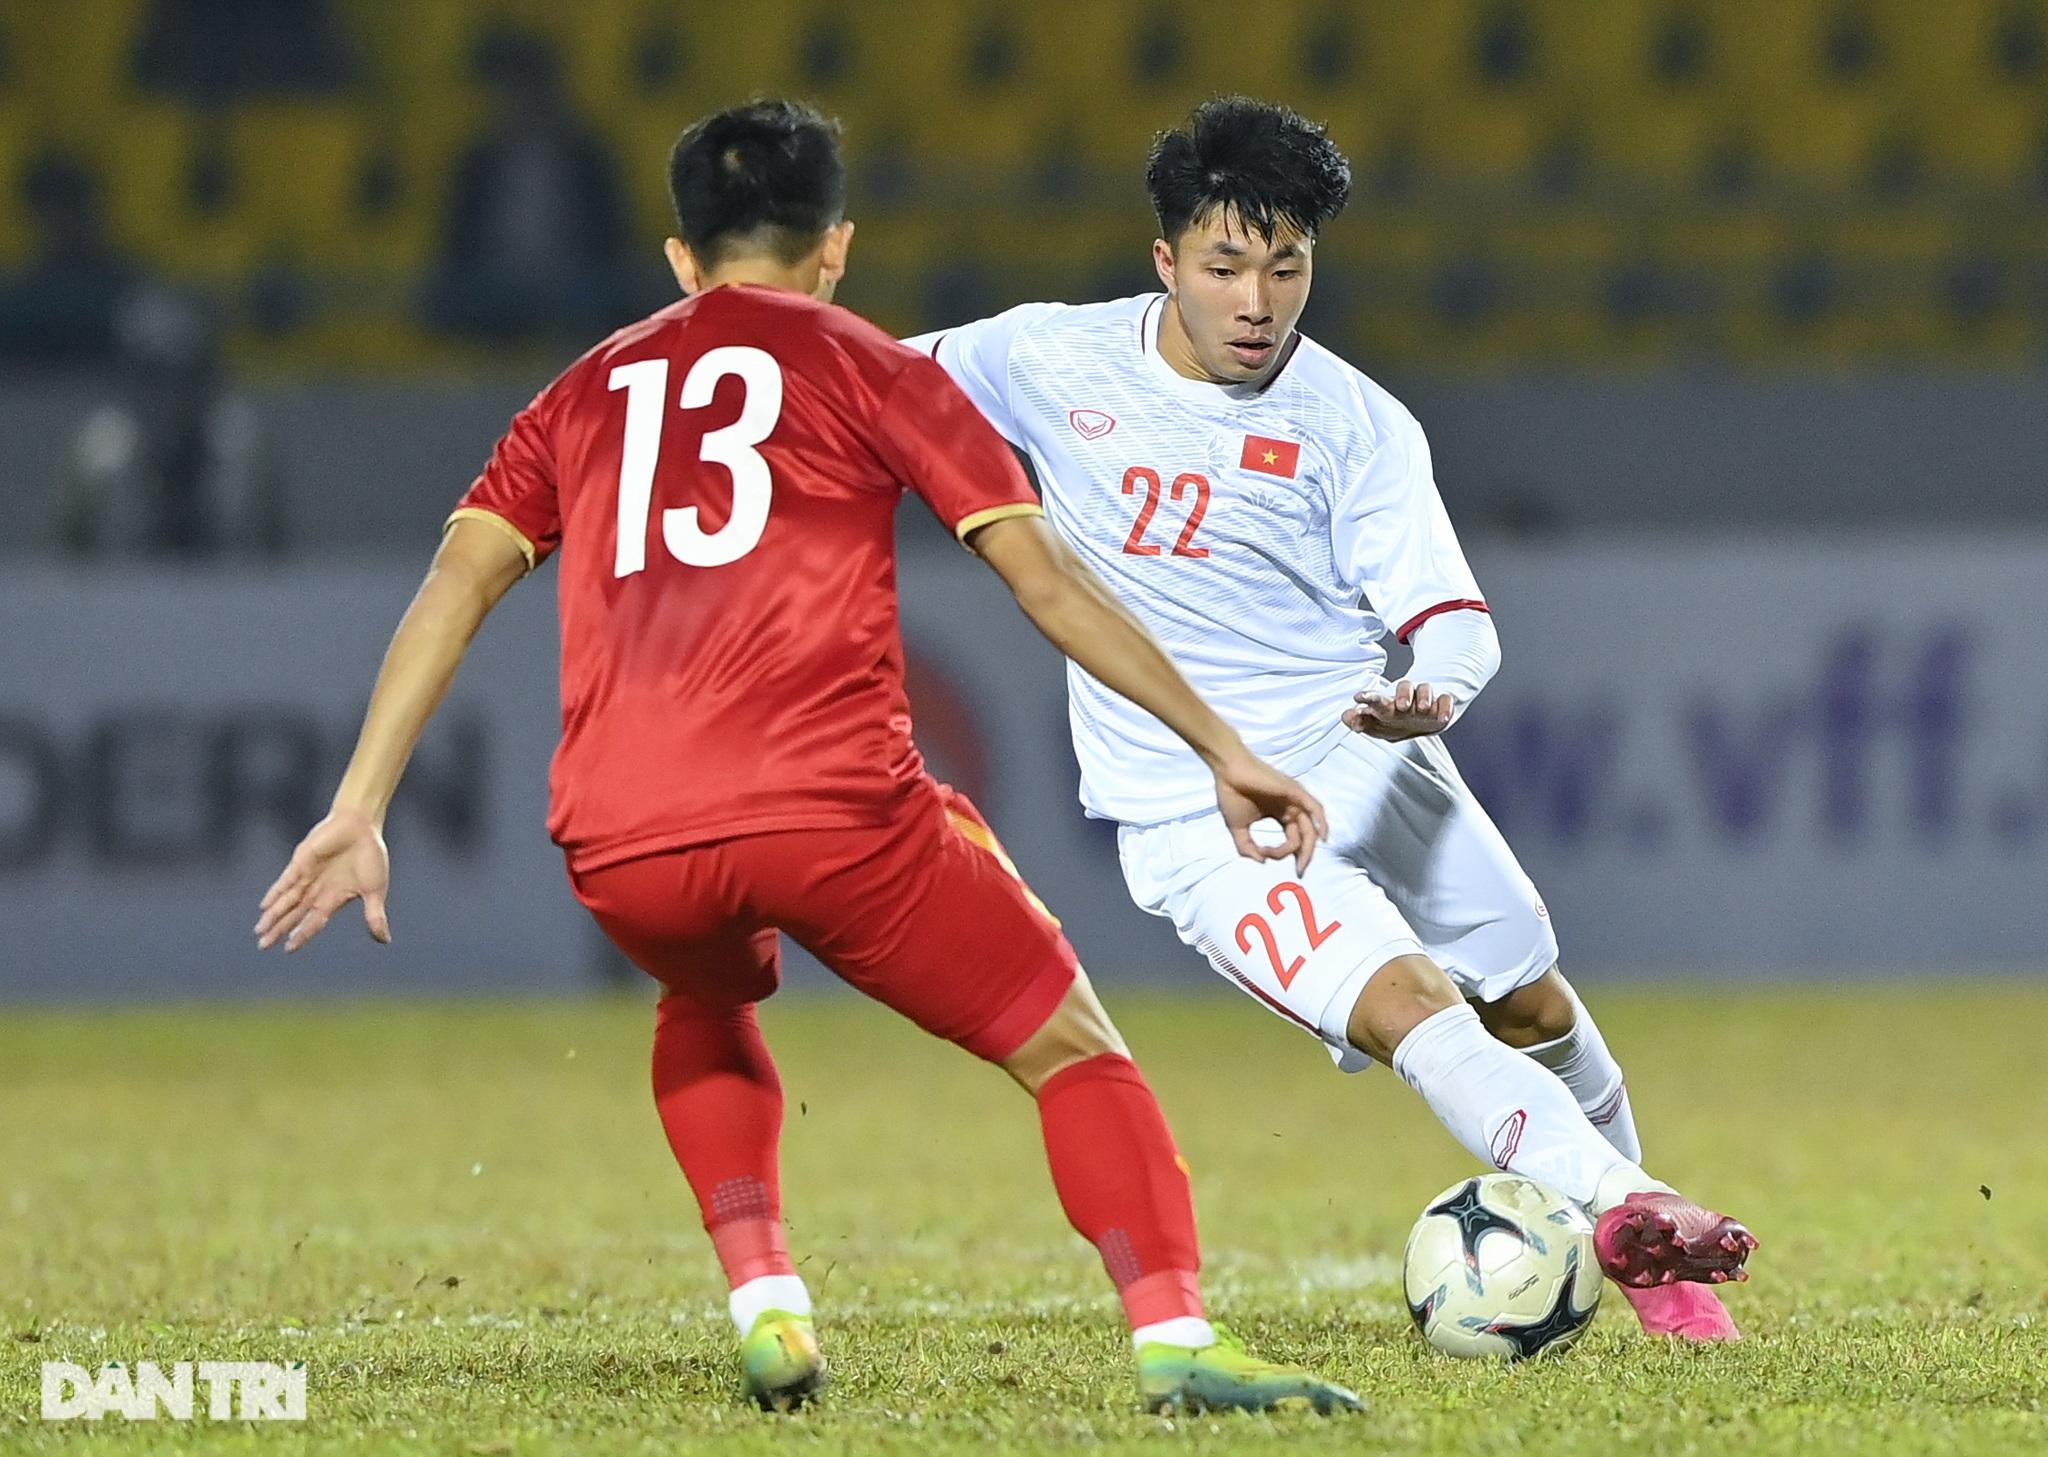 Văn Quyết ghi điểm trong chiến thắng của tuyển Việt Nam trước đàn em U22 - 13